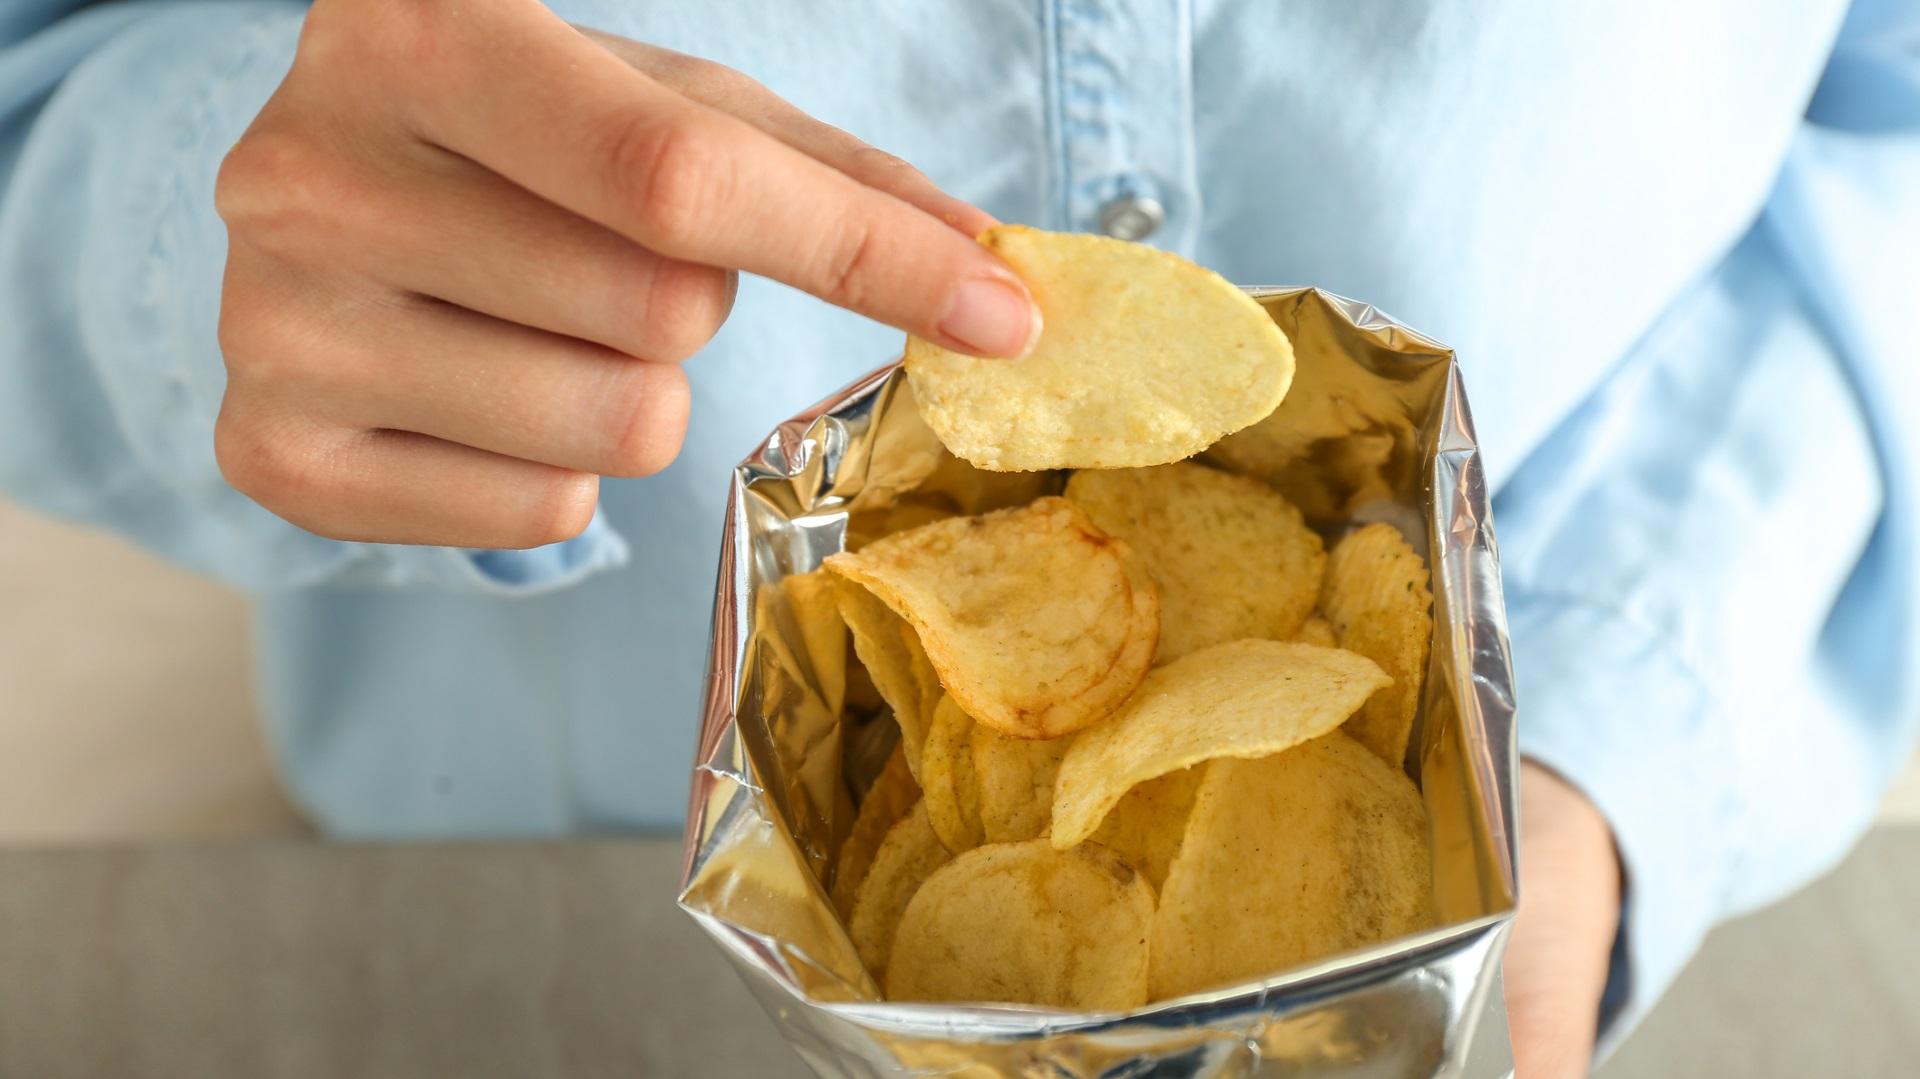 <p><strong>Няма да жадувате за вредна храна</strong></p>  <p>Също както тялото и мозъкът ви могат да бъдат обучени да жадуват здравословна храна, така могат да бъдат обучени и да не искат толкова вредна храна. Всъщност направо може да развиете неприязън към вредните храни и да се отвращавате, когато опитате нещо с прекалено много добавена сол или захар, или преработени храни.</p>